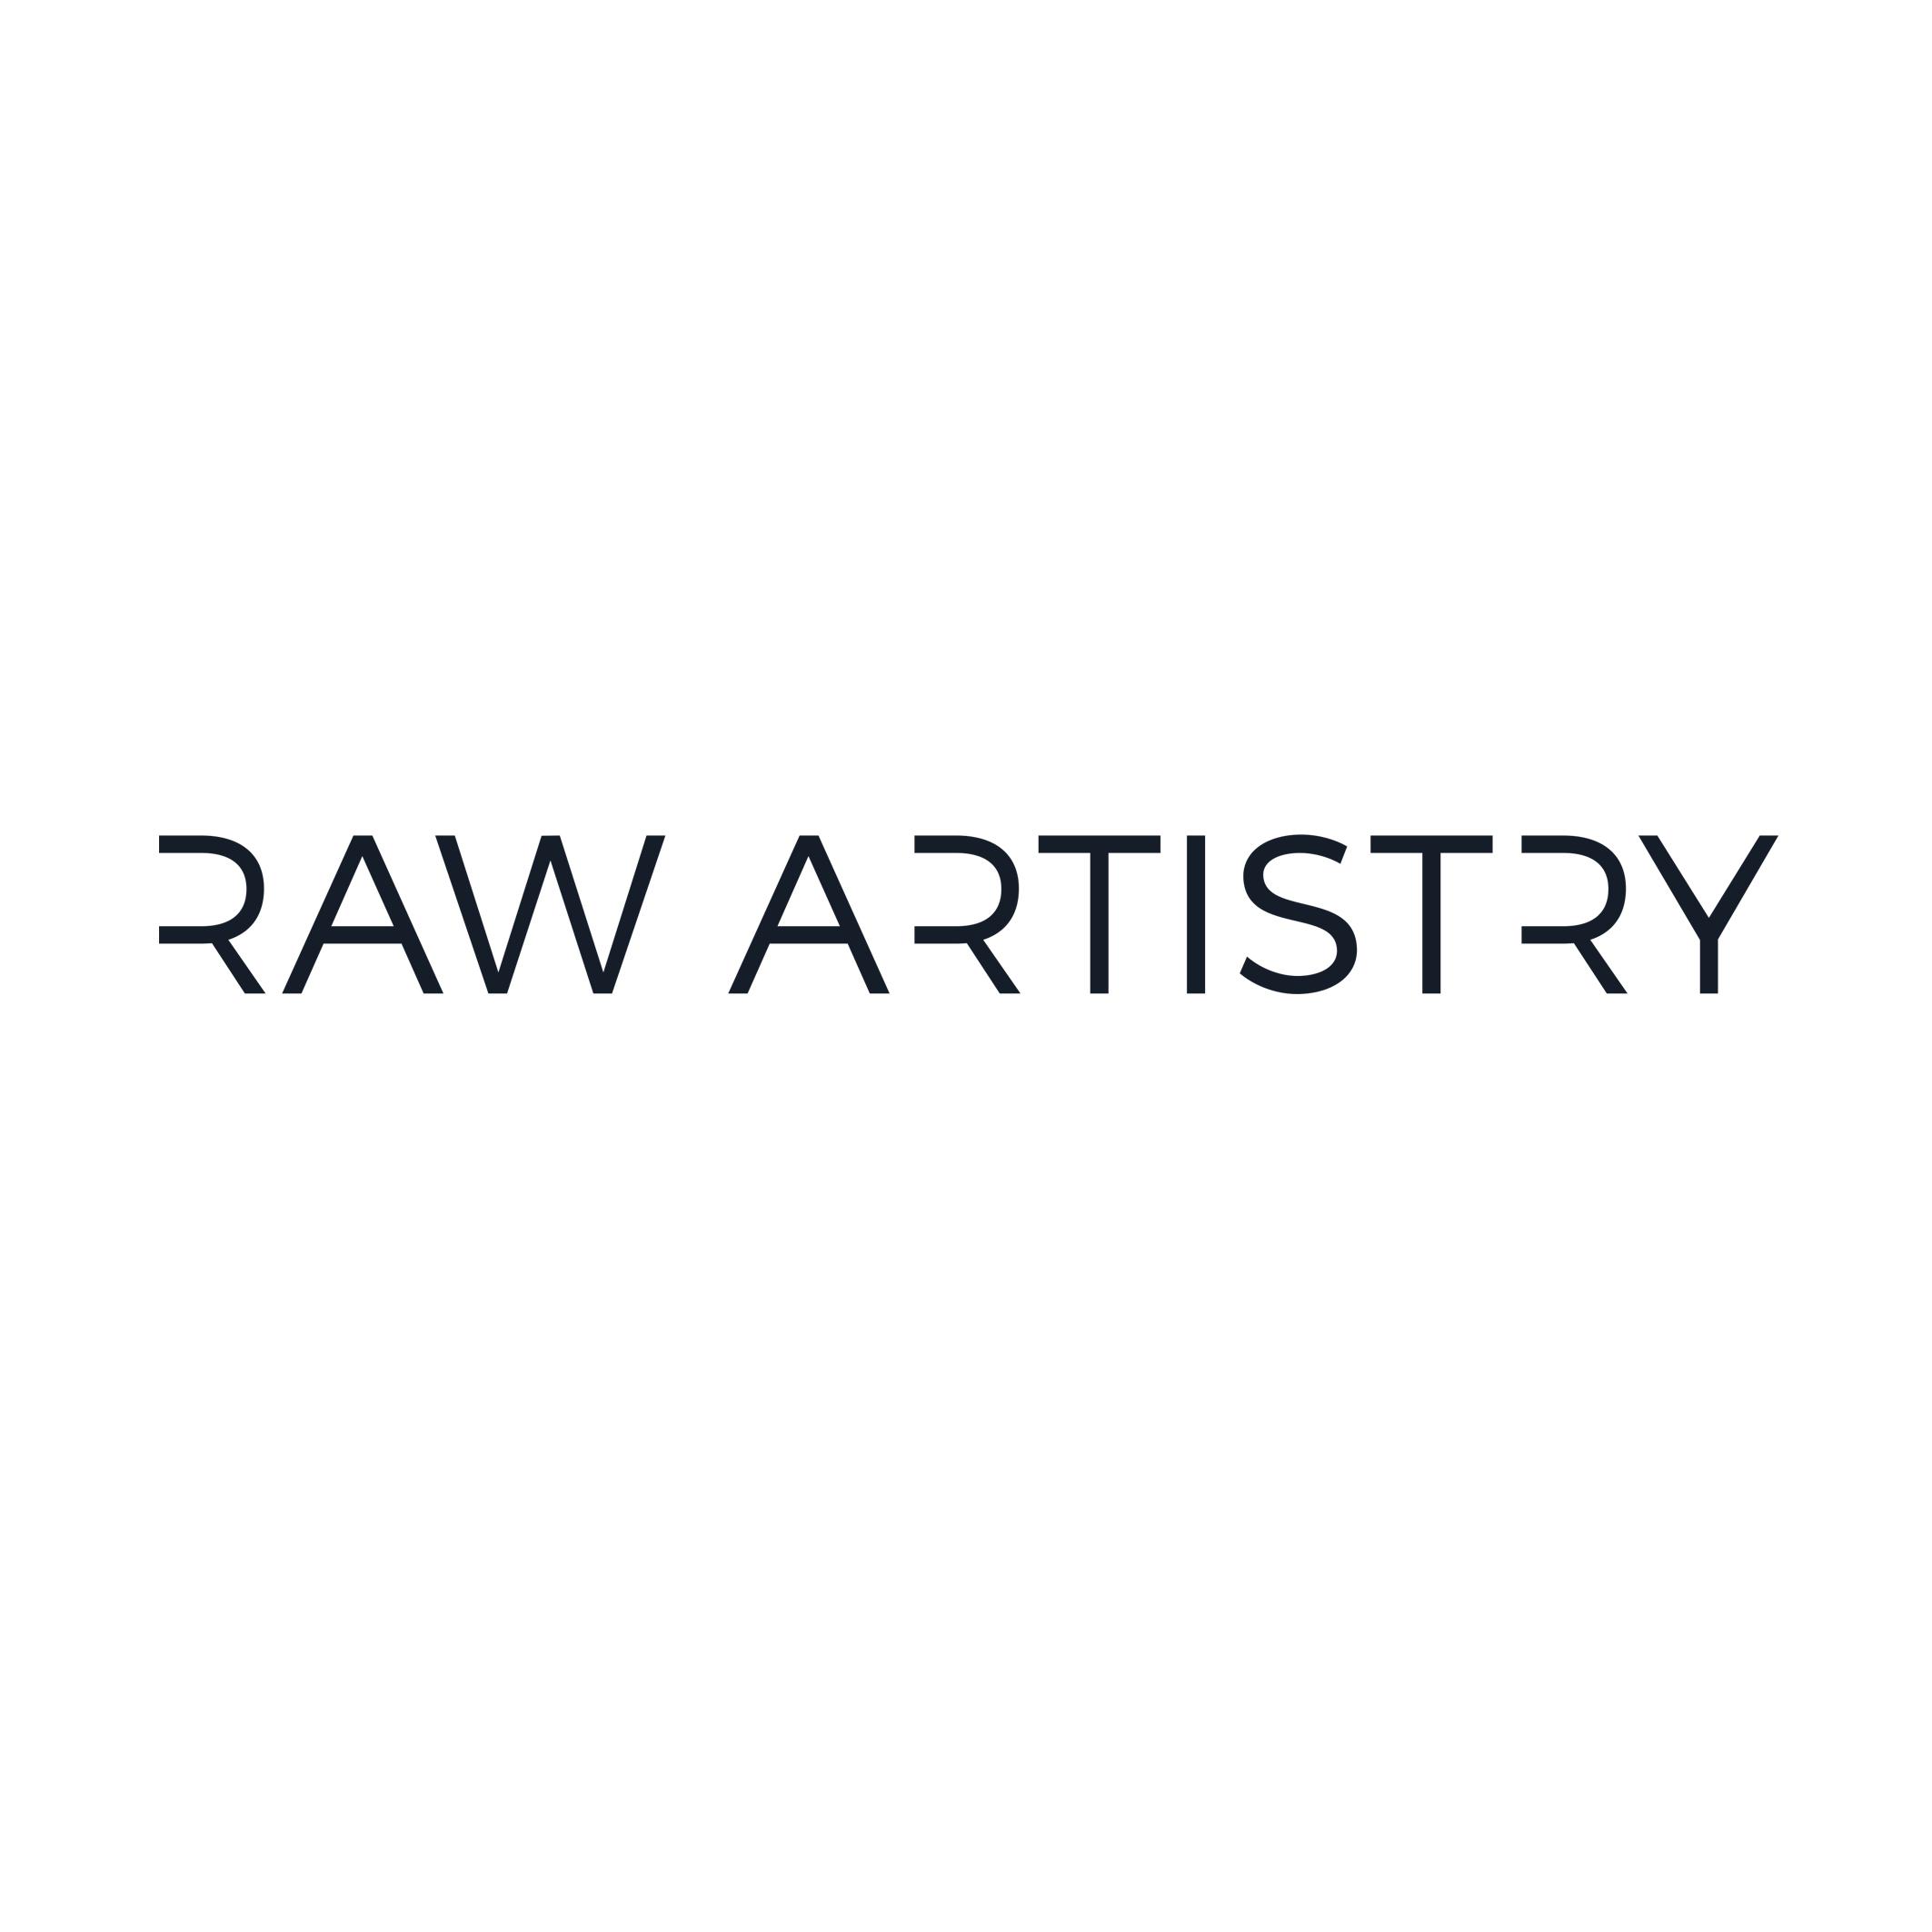 RAW ARTISTRY